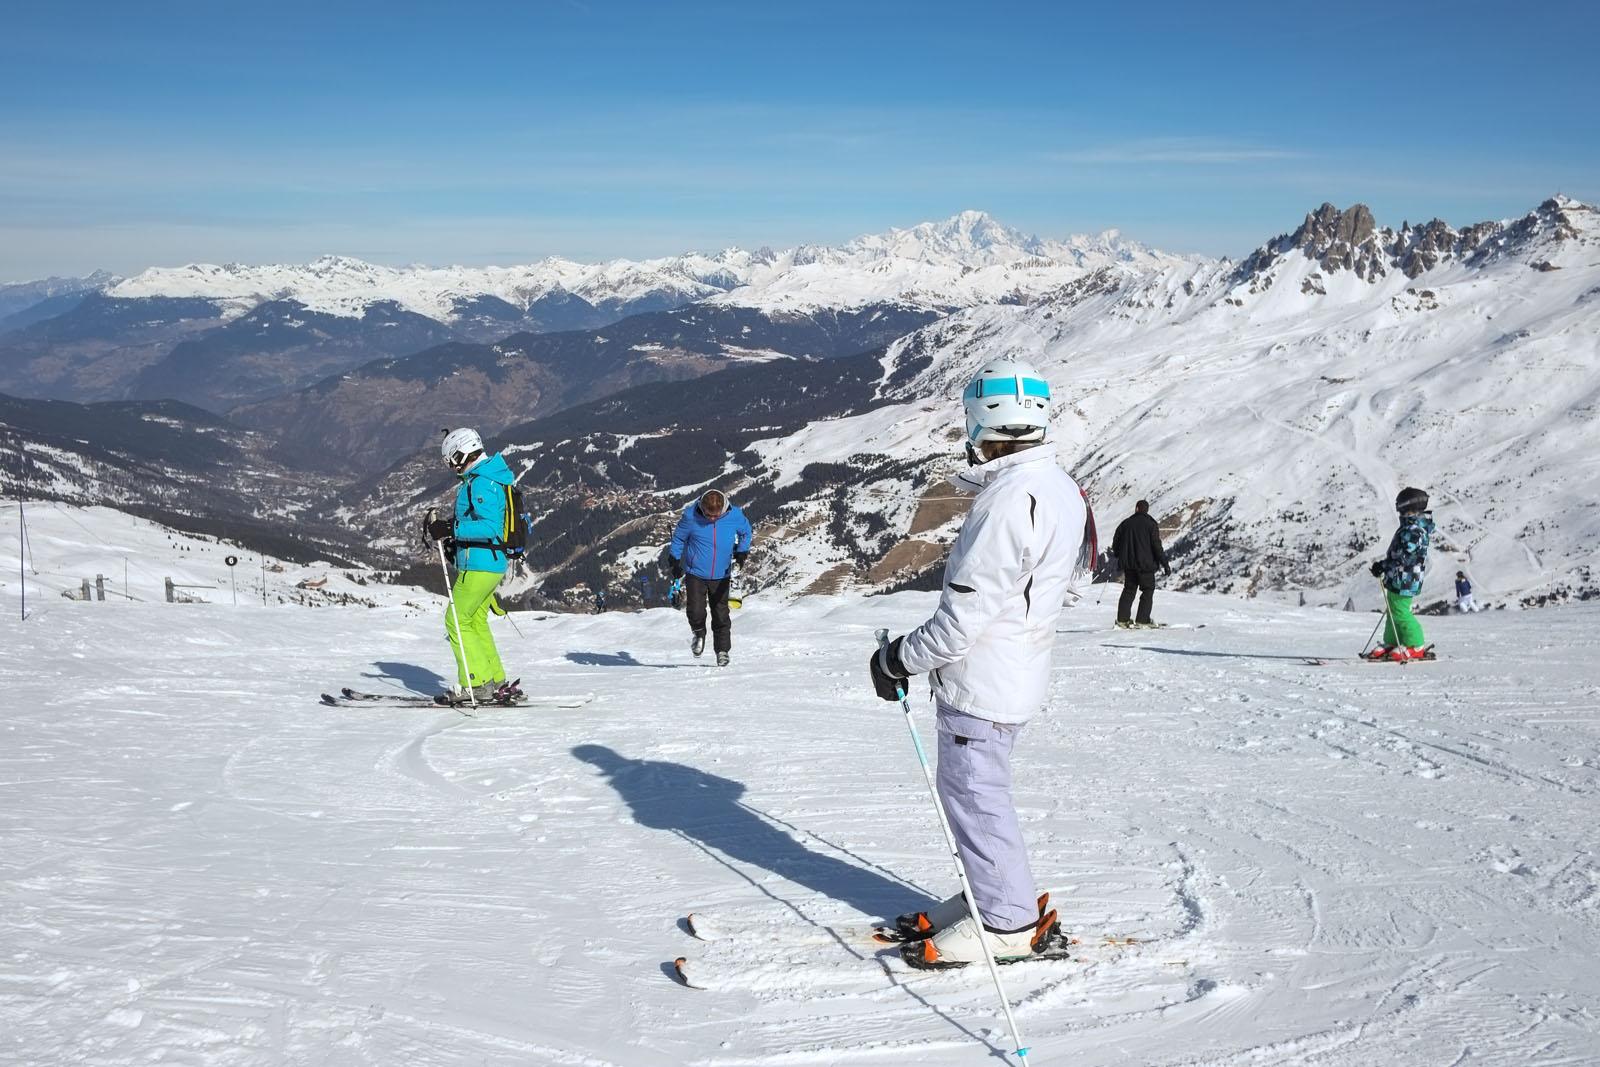 Pour vos vacances aux sports d'hiver en Savoie, un hébergement vous attend dans les Alpes à Saint-Jean-de-la-Porte